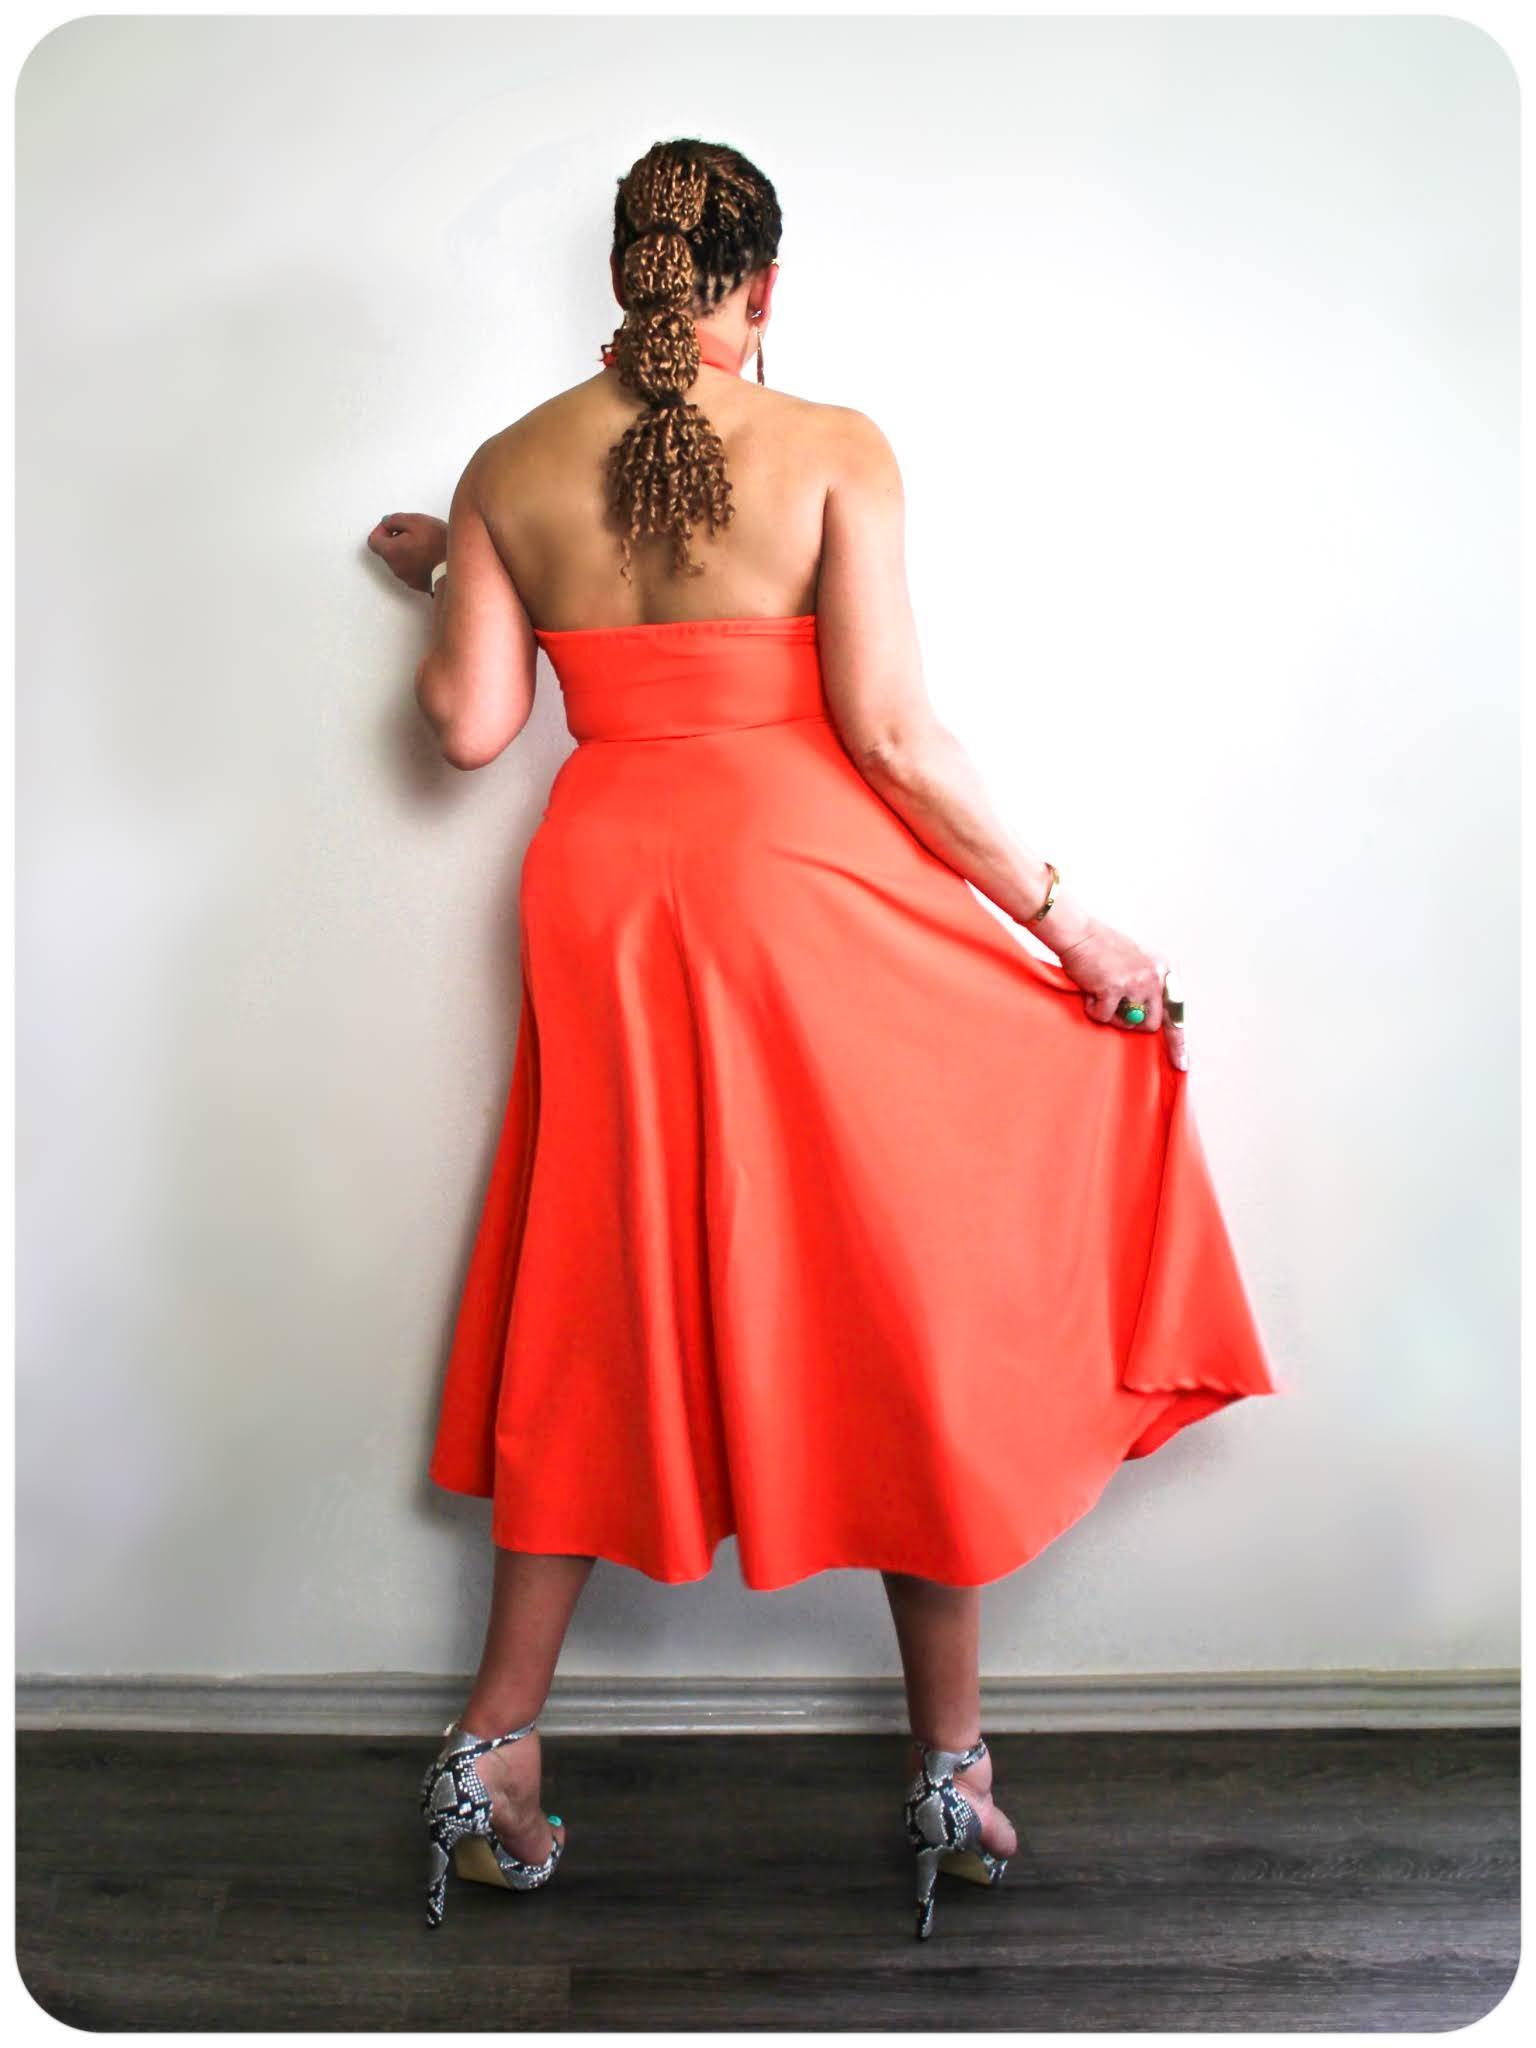 Burda 7065 -- Erica Bunker DIY Style x Zelouf Fabrics